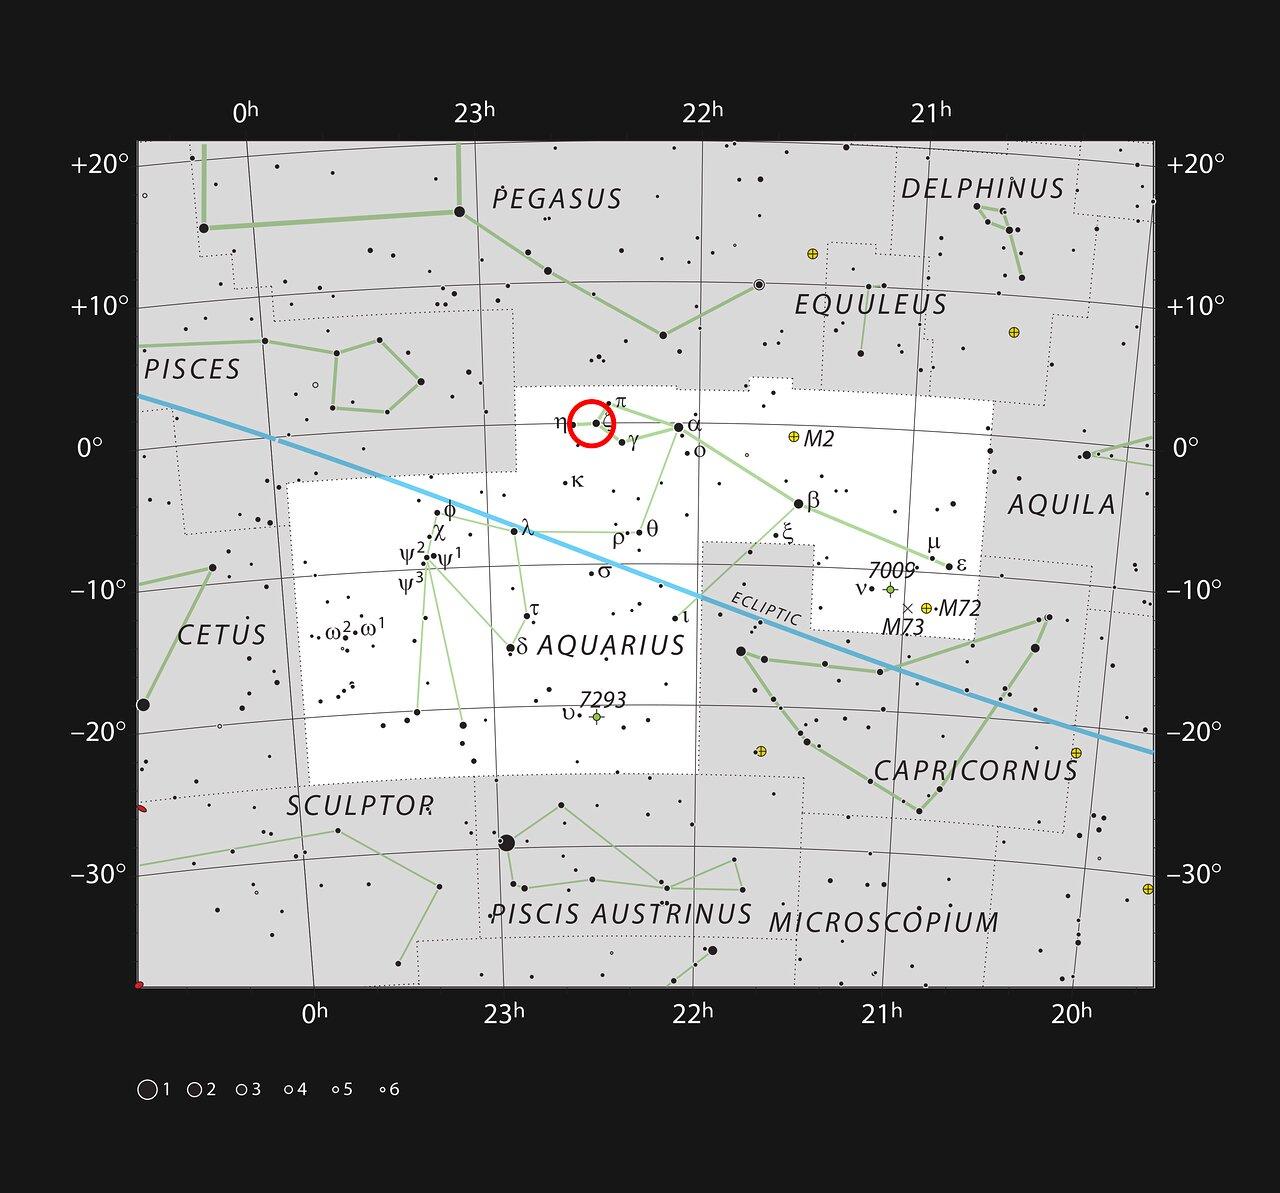 Ubicación (círculo rojo) de la galaxia enana Kinman, donde desapareció una misteriosa estrella variable luminosa azul. Crédito: ESO, IAU and Sky & Telescope.